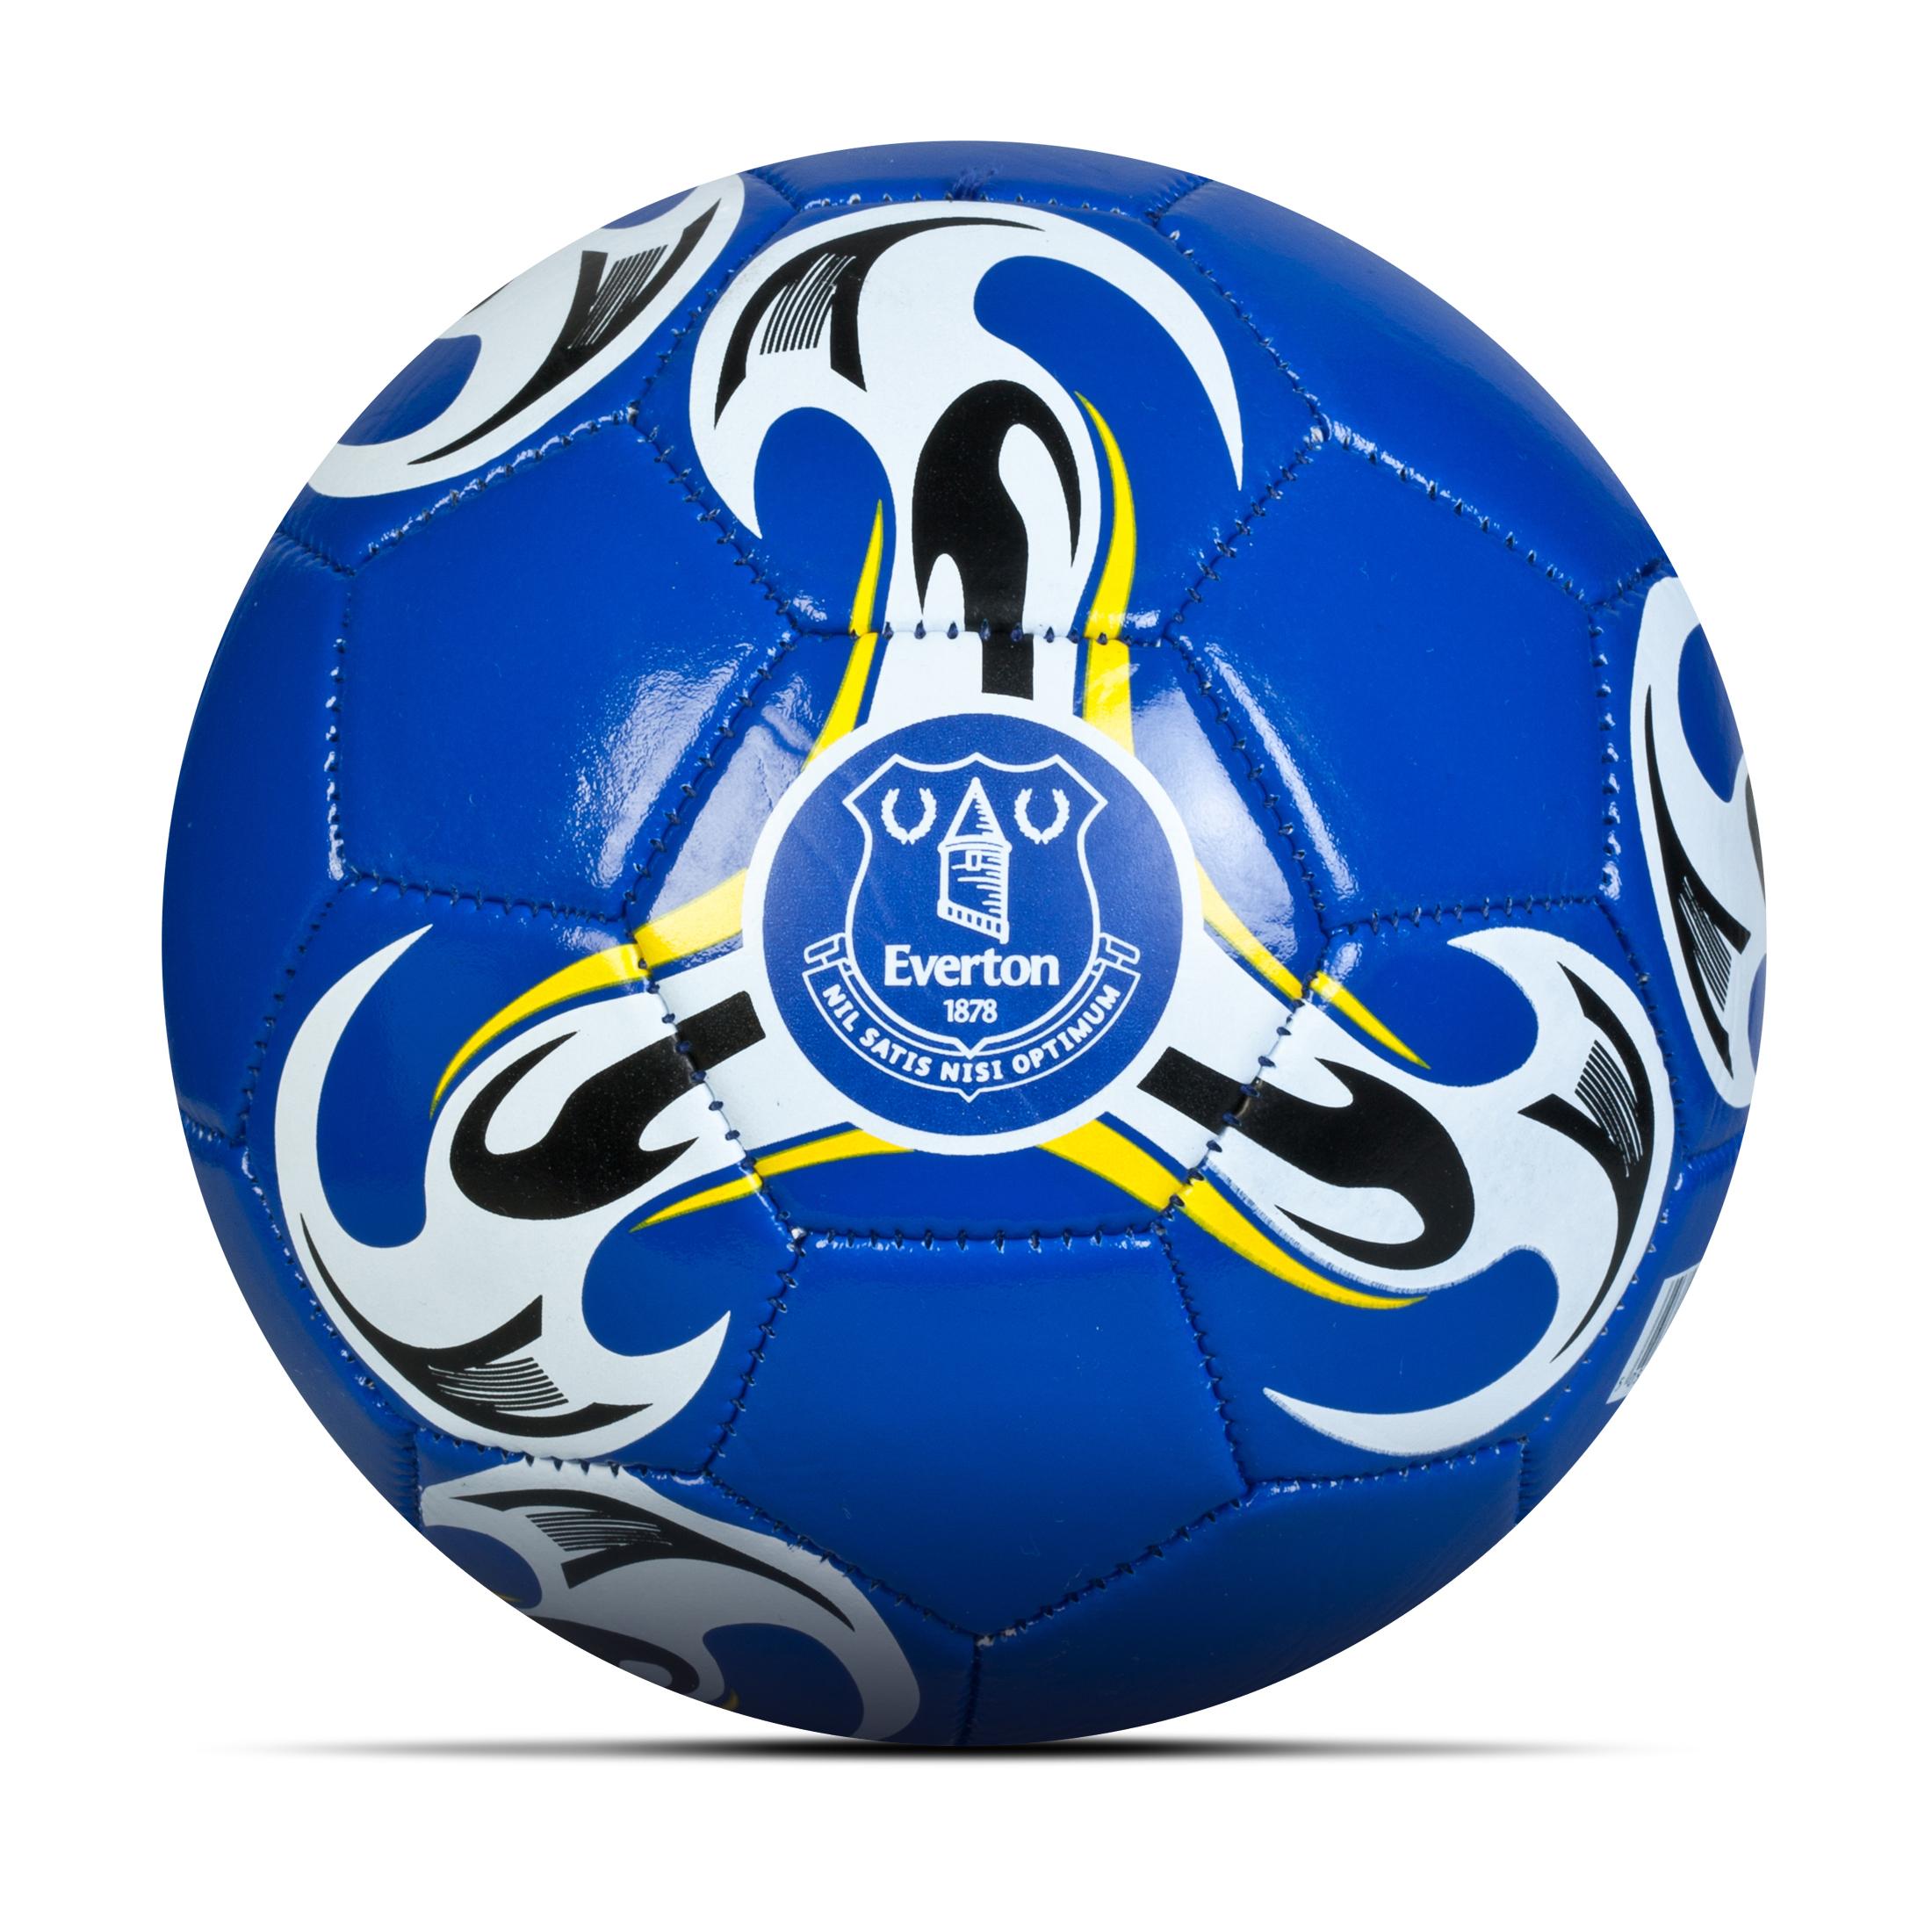 Everton Football - Size 5 - Royal/ White